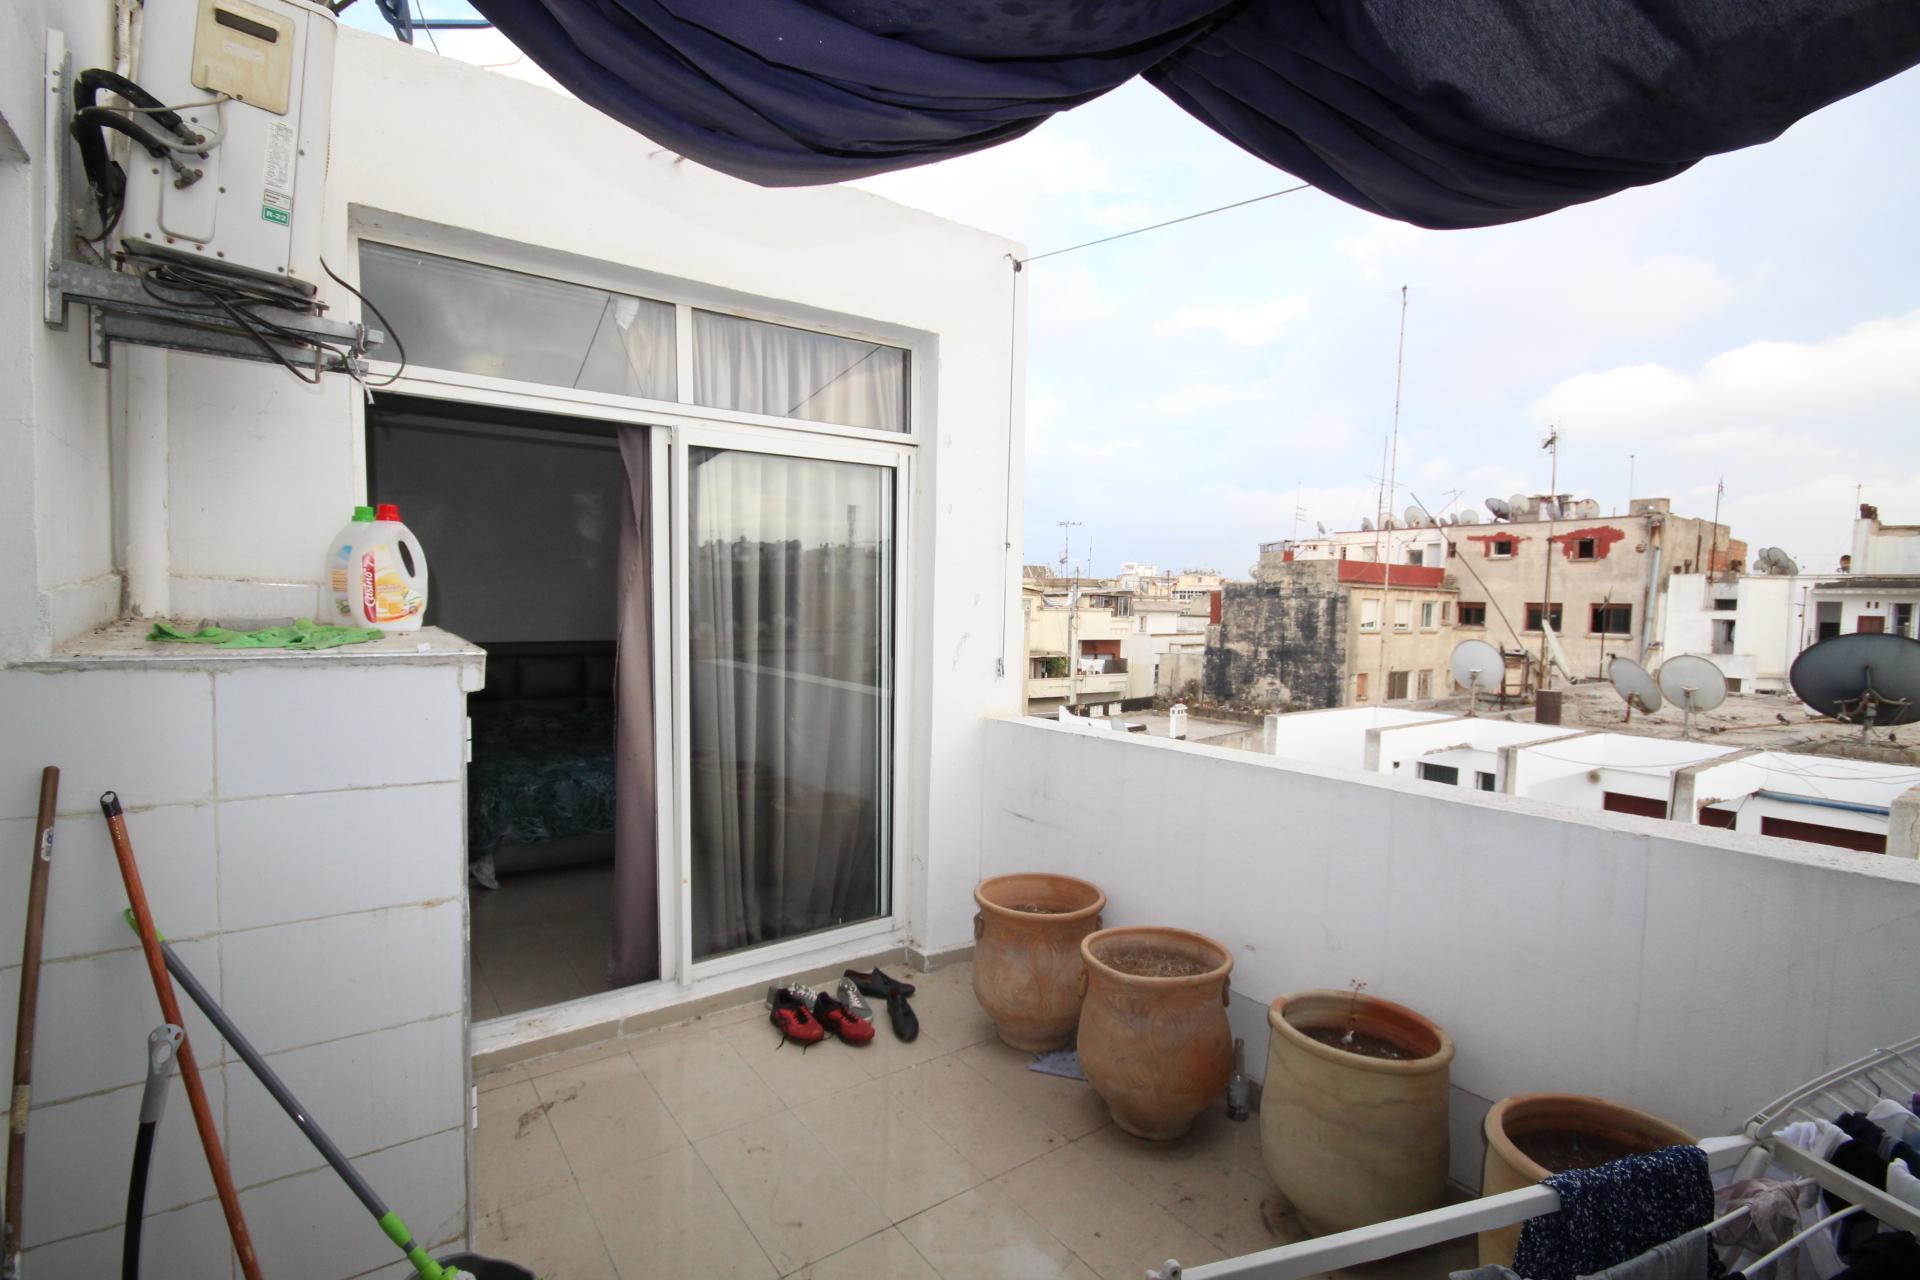 à acheter centre-ville (secteur Consulat de France / Alpha 55) STUDIO de 44 m² avec terrasse de construction récente